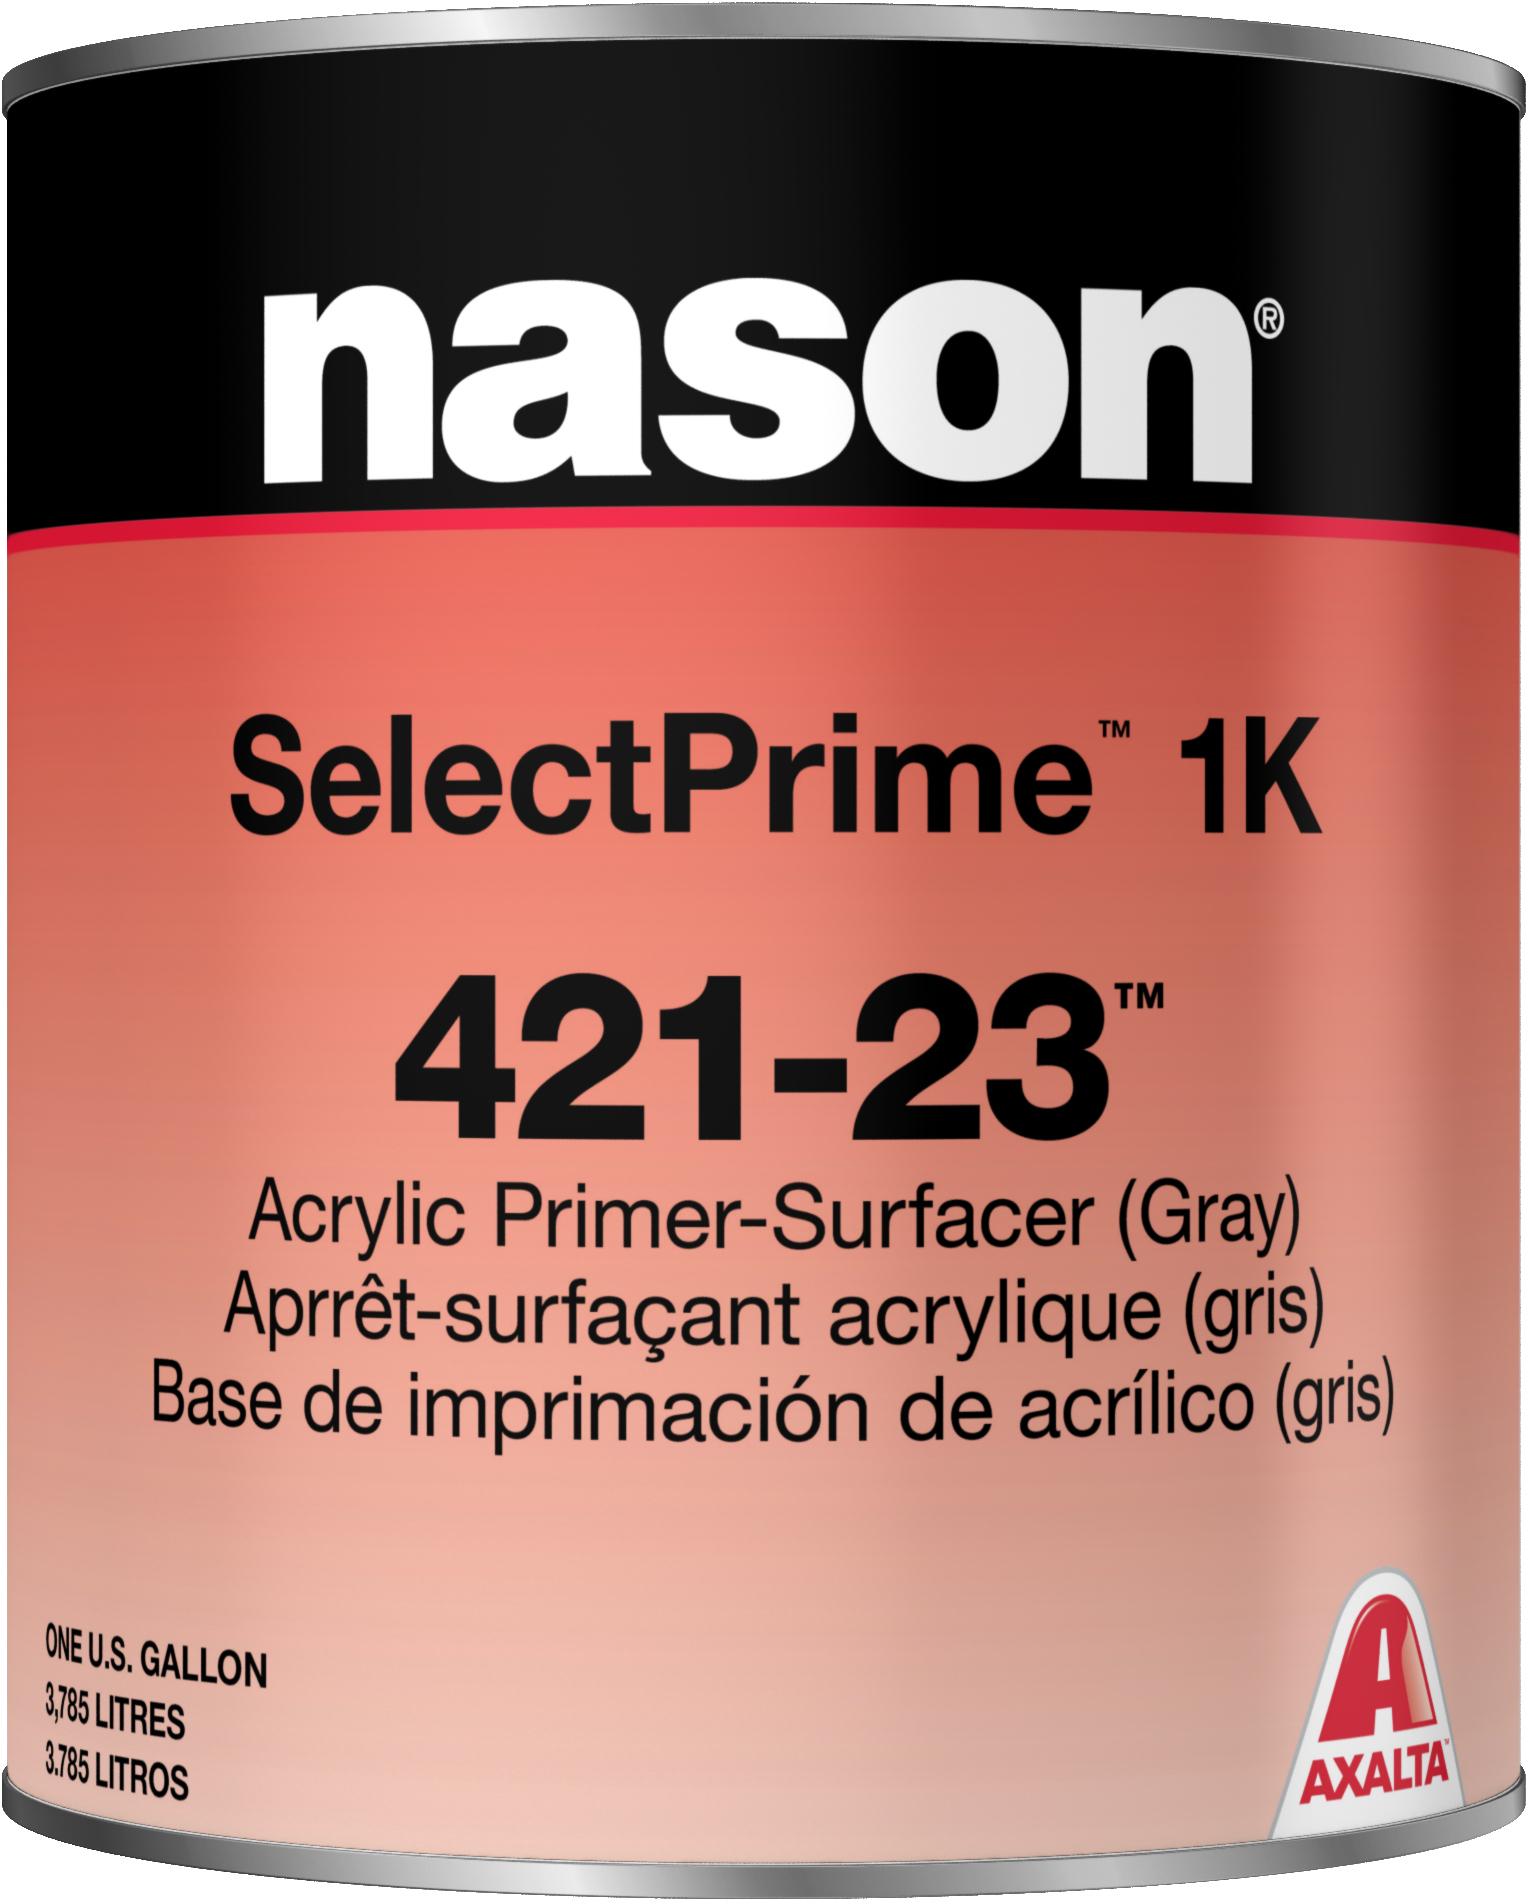 Axalta Nason Selectprime 421 23 Gray Acrylic Primer